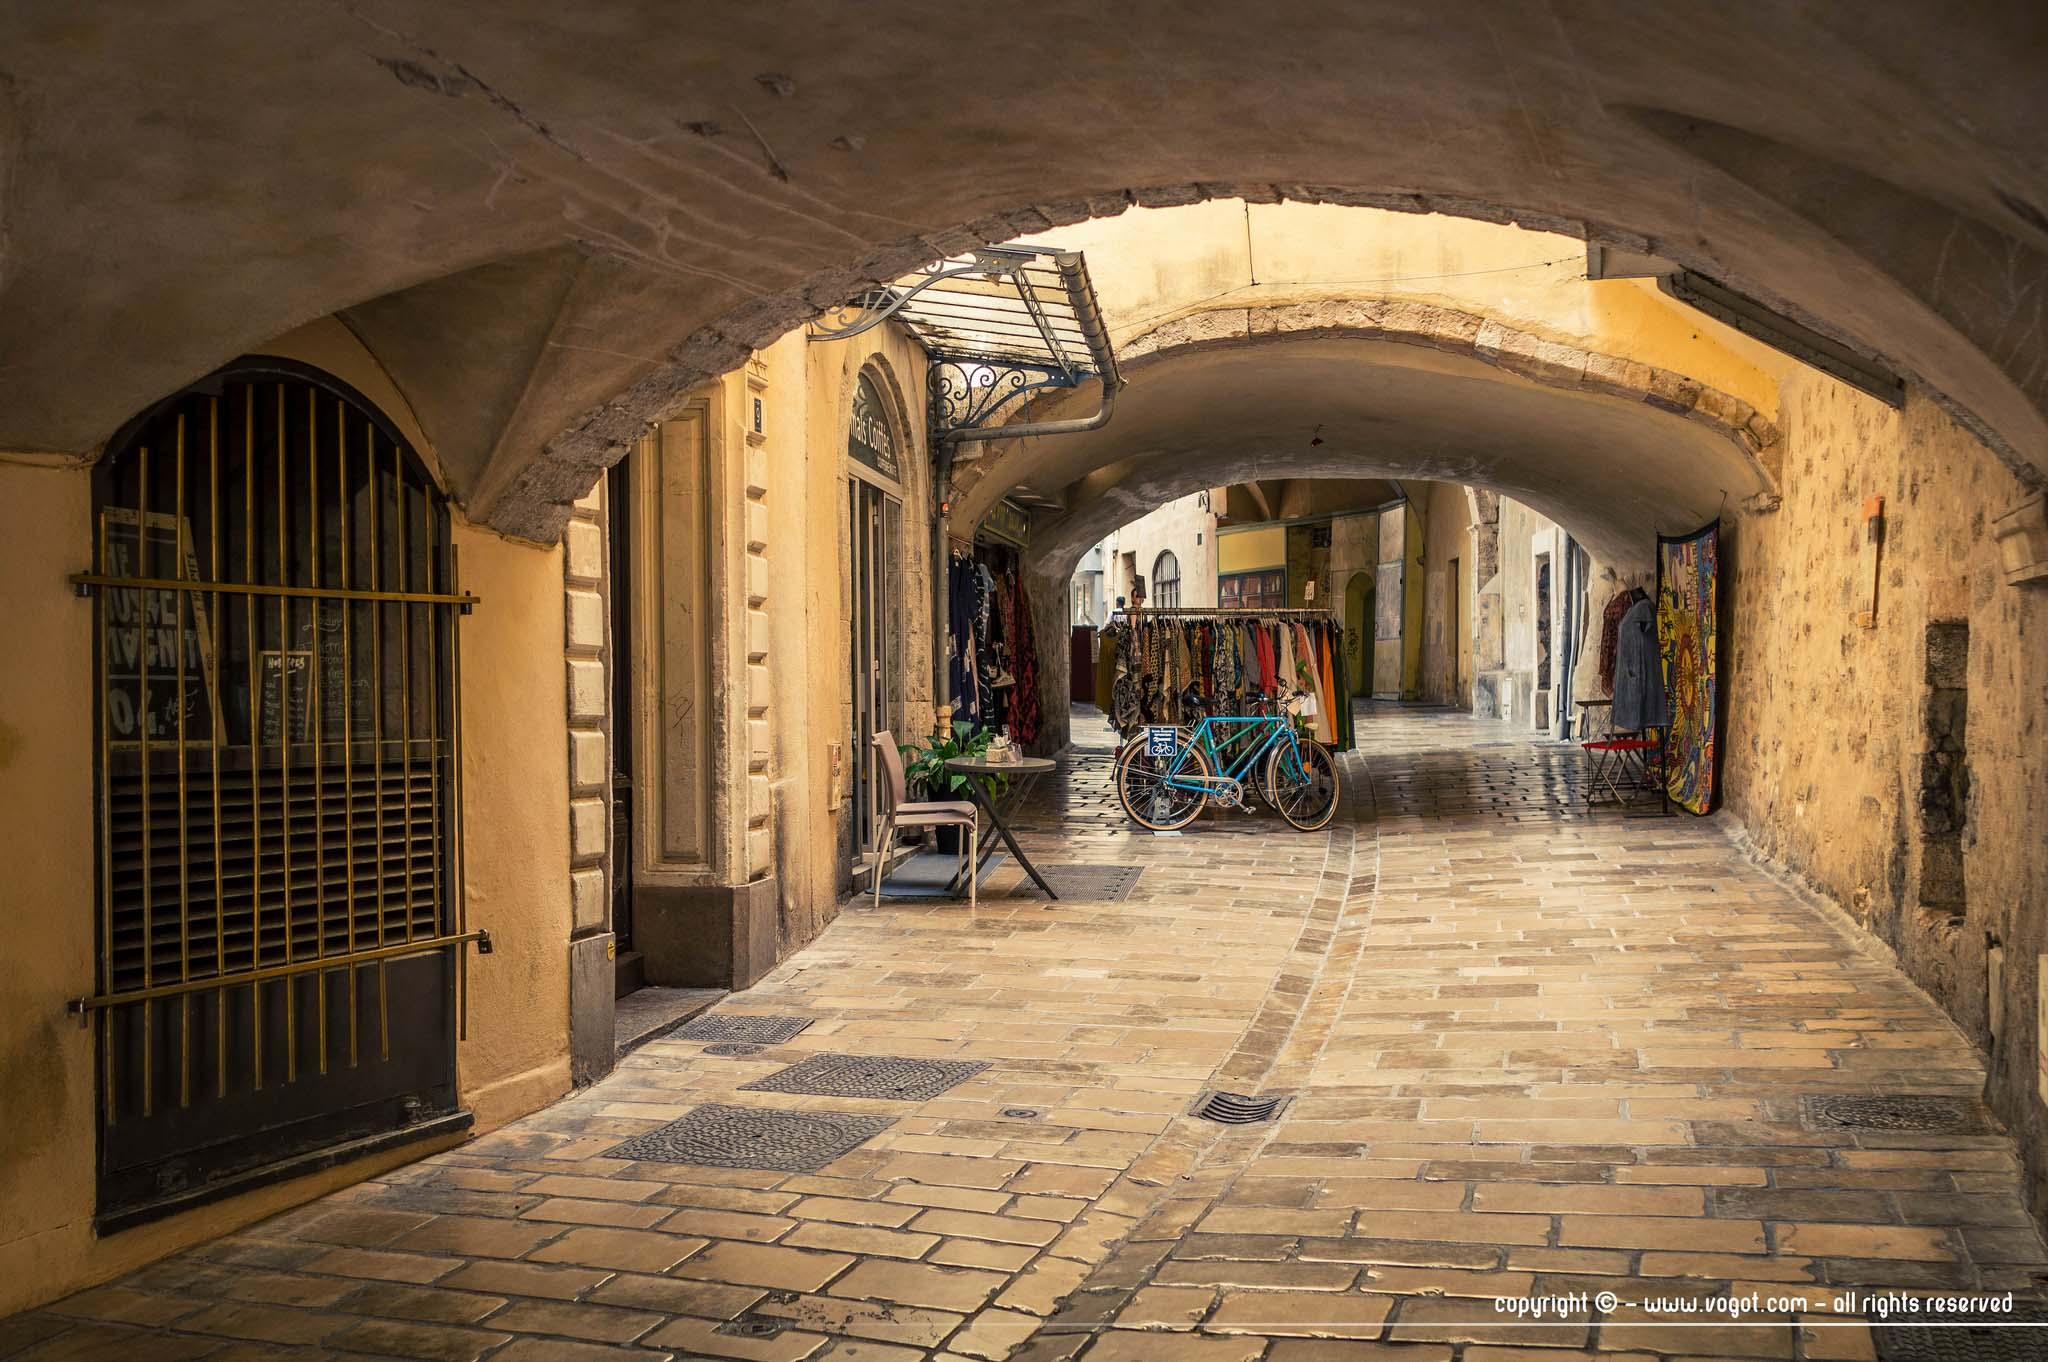 journée à Hyères - la rue des porches aux tons lumineux dans la vieille ville